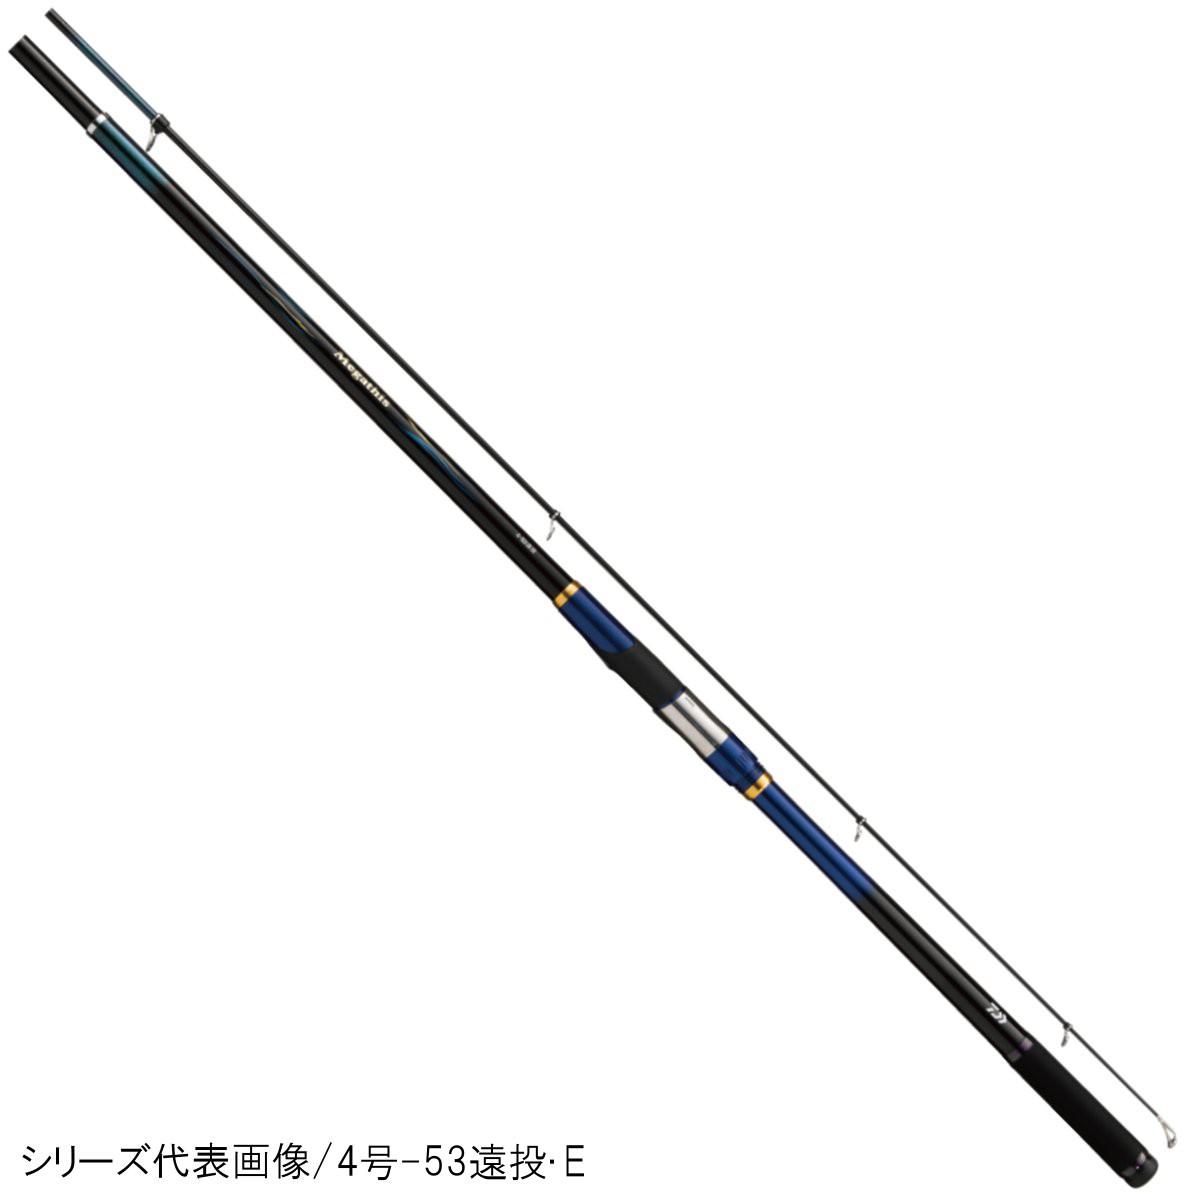 ダイワ メガディス 3号-53遠投・E